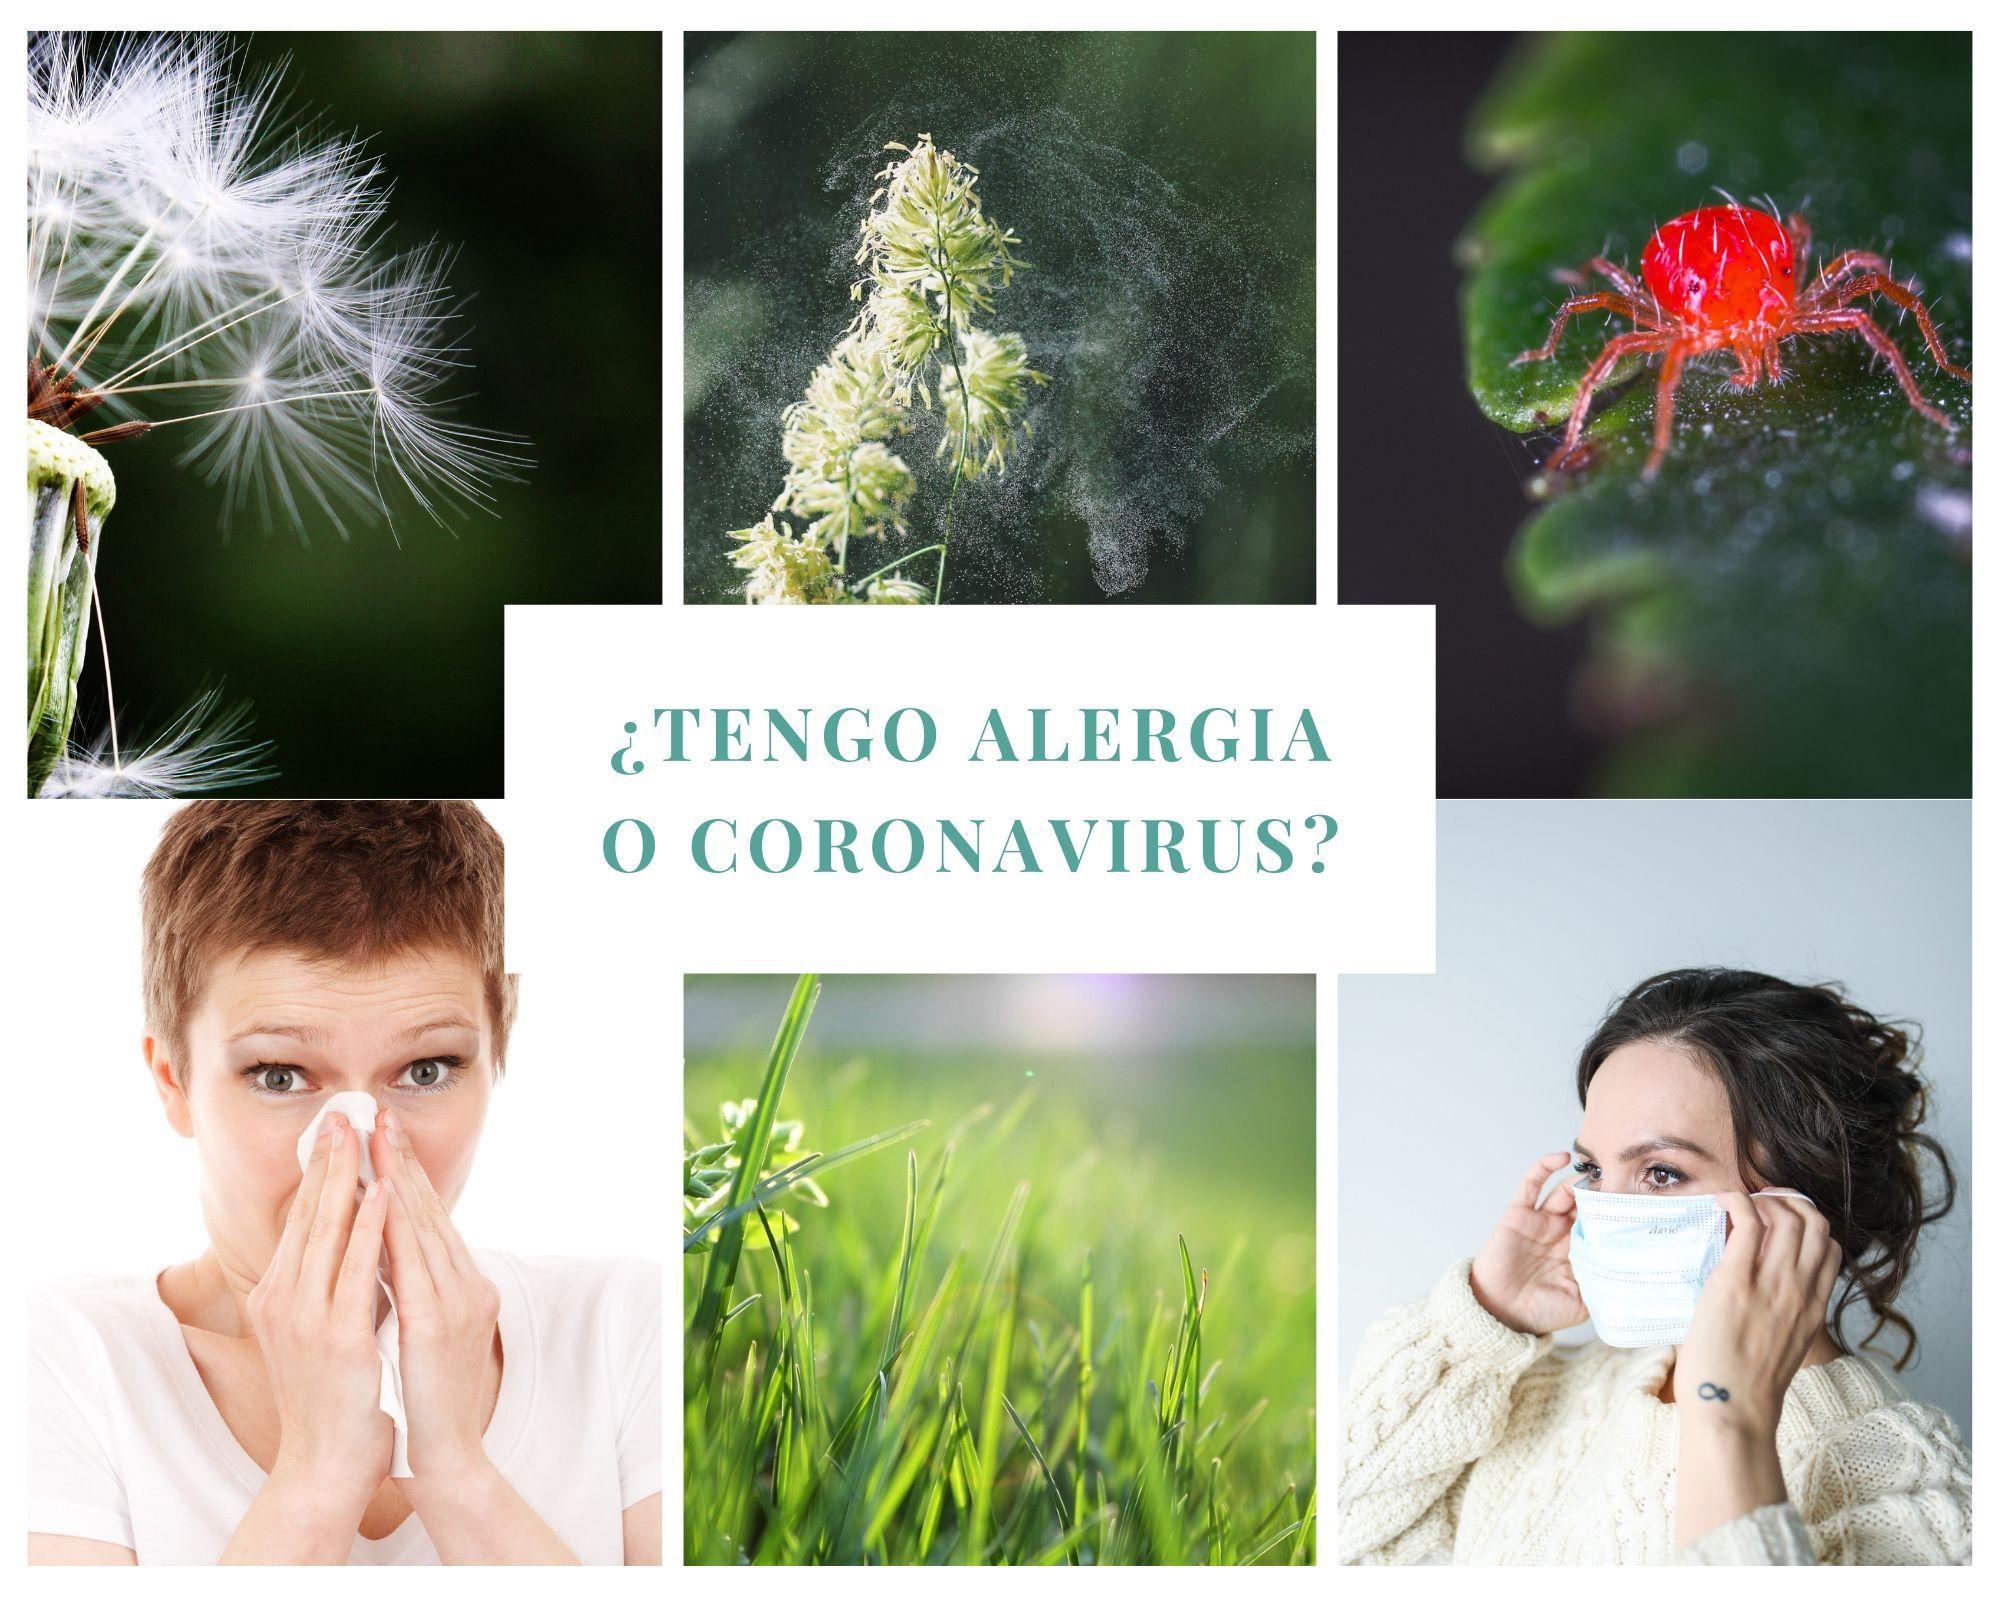 ¿Tengo alergia o coronavirus?